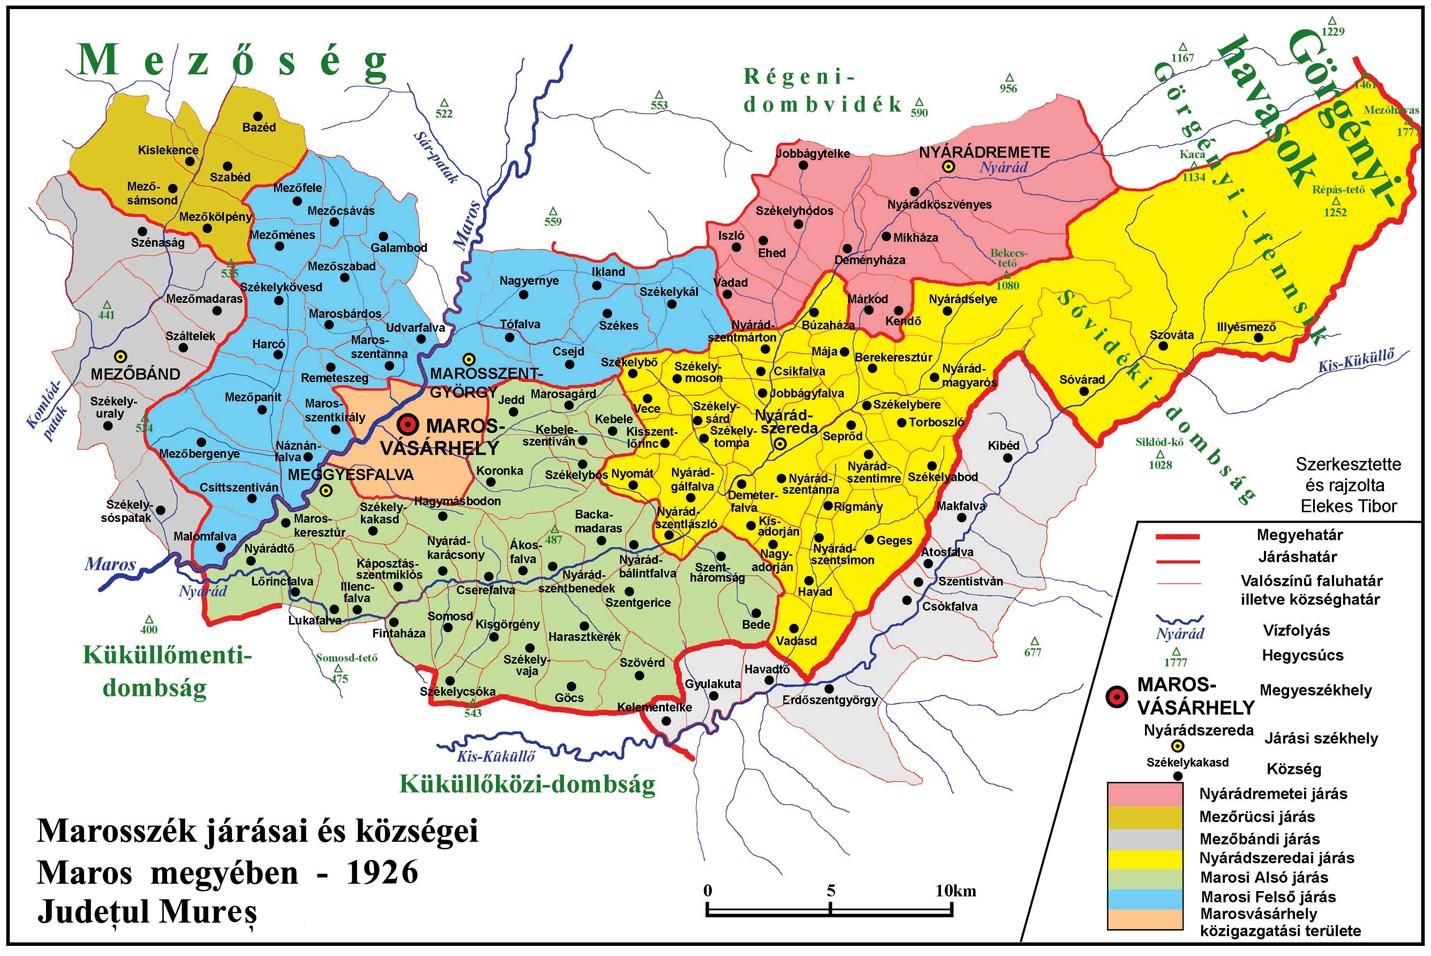 részletes erdély térkép magyarul Az erdélyi megyék közigazgatási határainak változása a középkortól  részletes erdély térkép magyarul